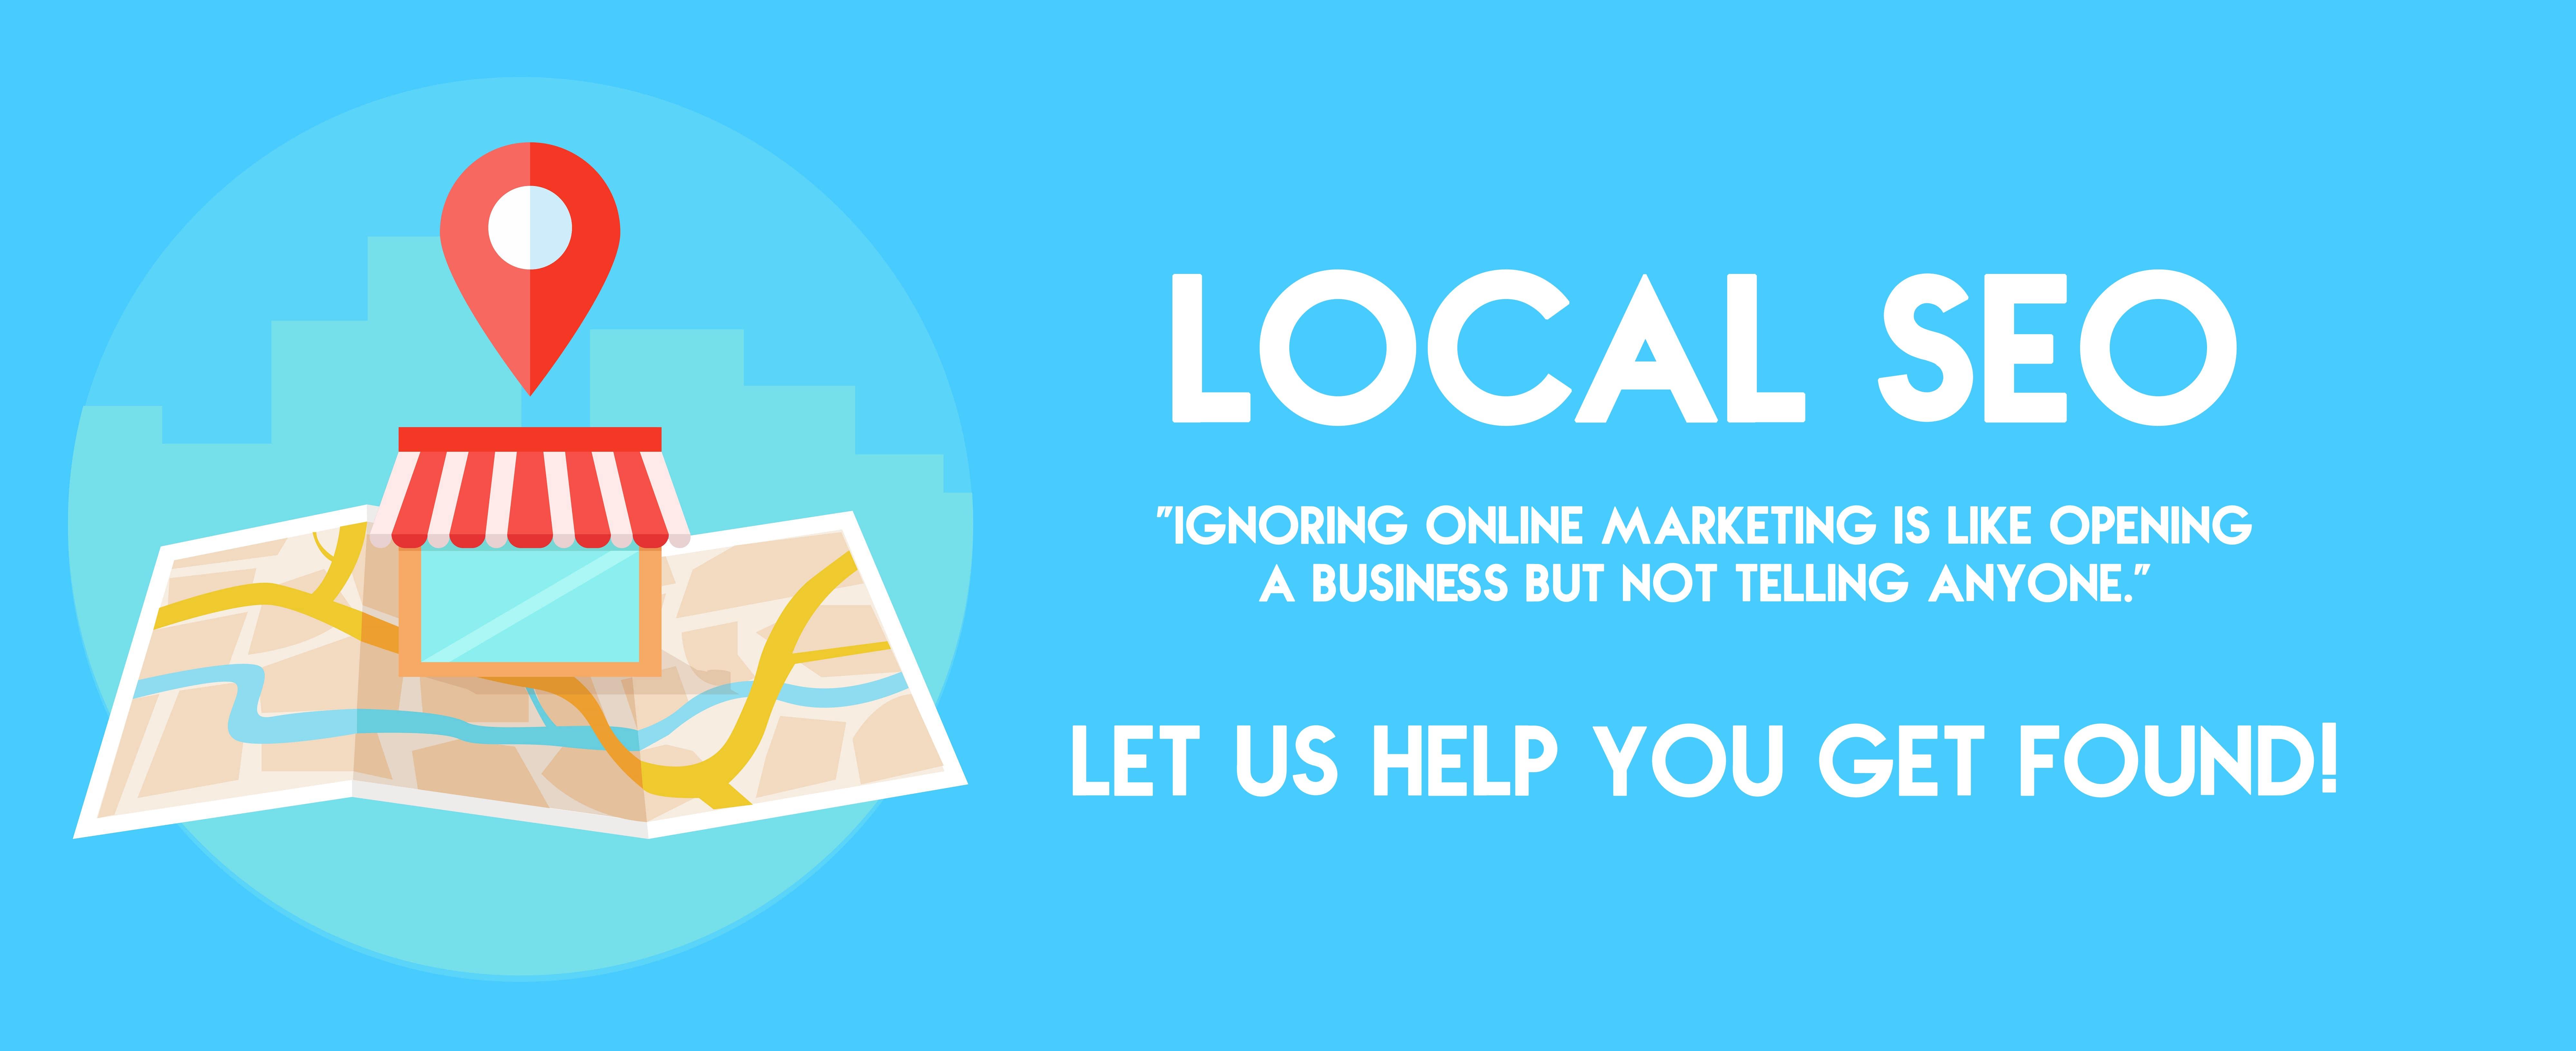 Local Seo Services Company